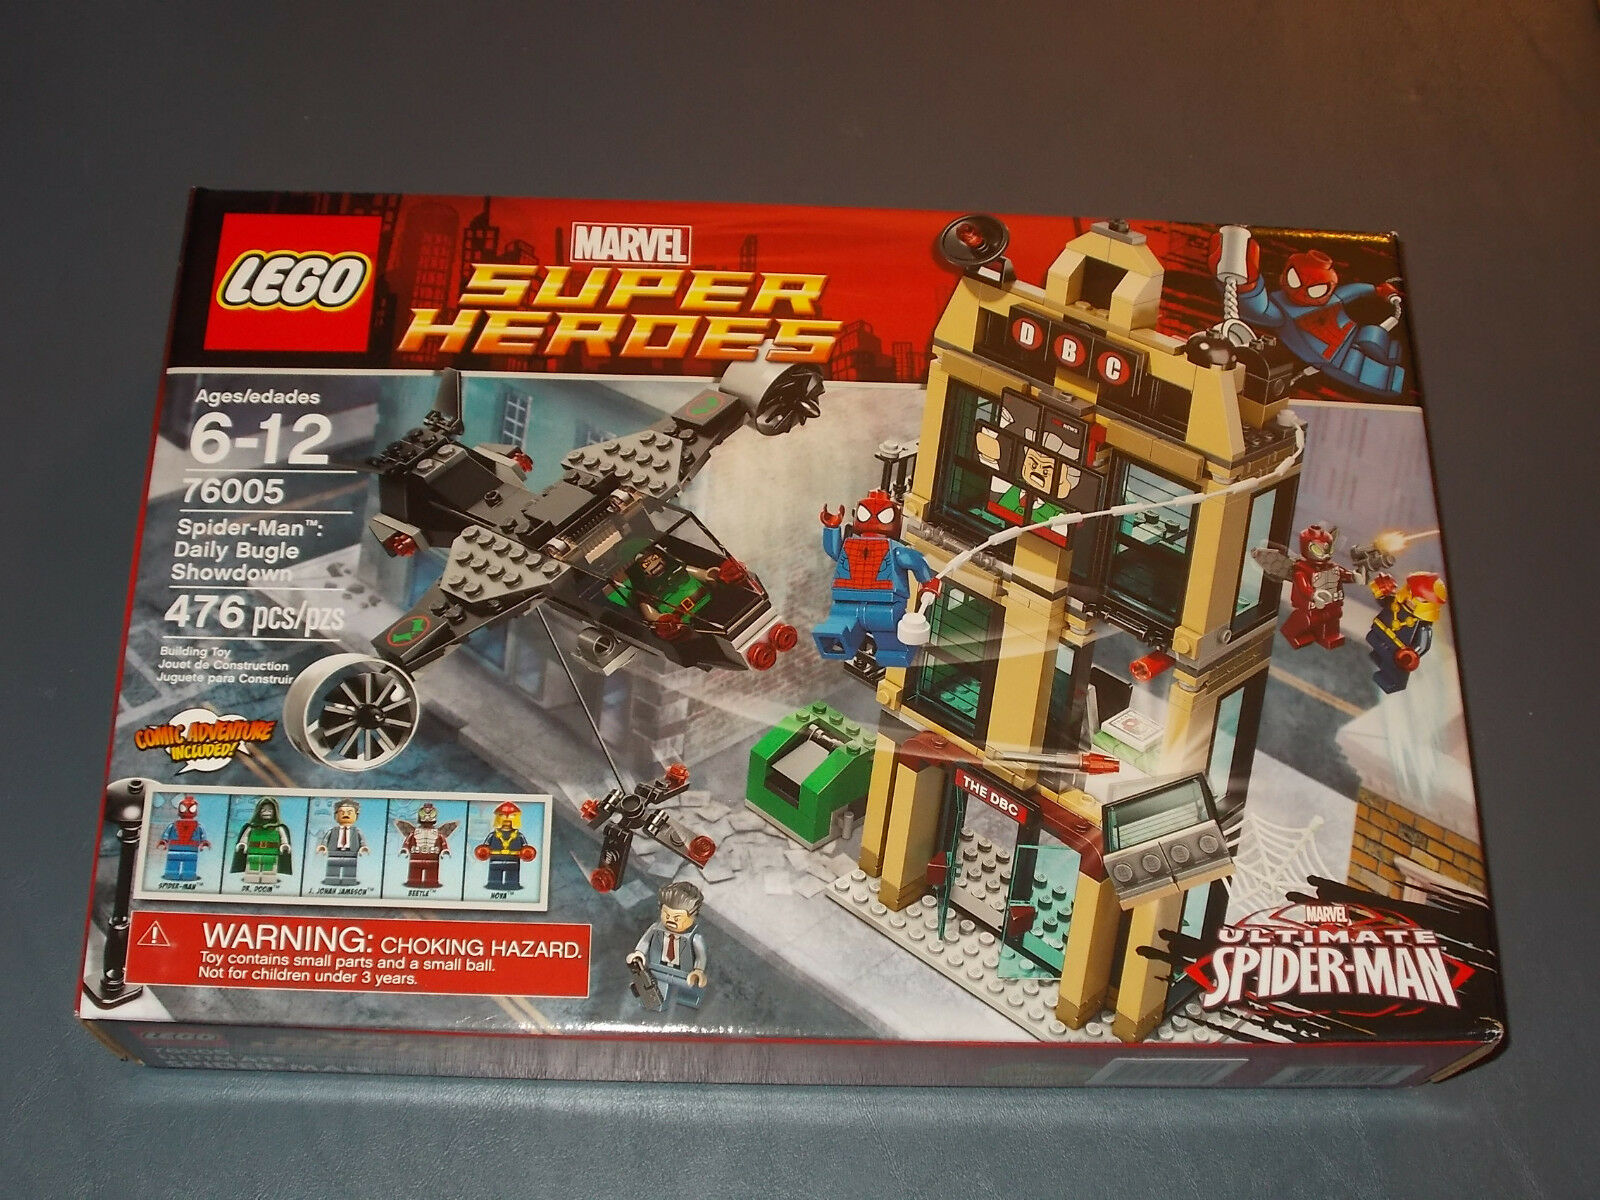 2013 LEGO ULTIMATE SPIDER-uomo 76005  DAILY BUGLE mostrareDOWN 476pcs NOVA & DR. DOOM  marchi di stilisti economici